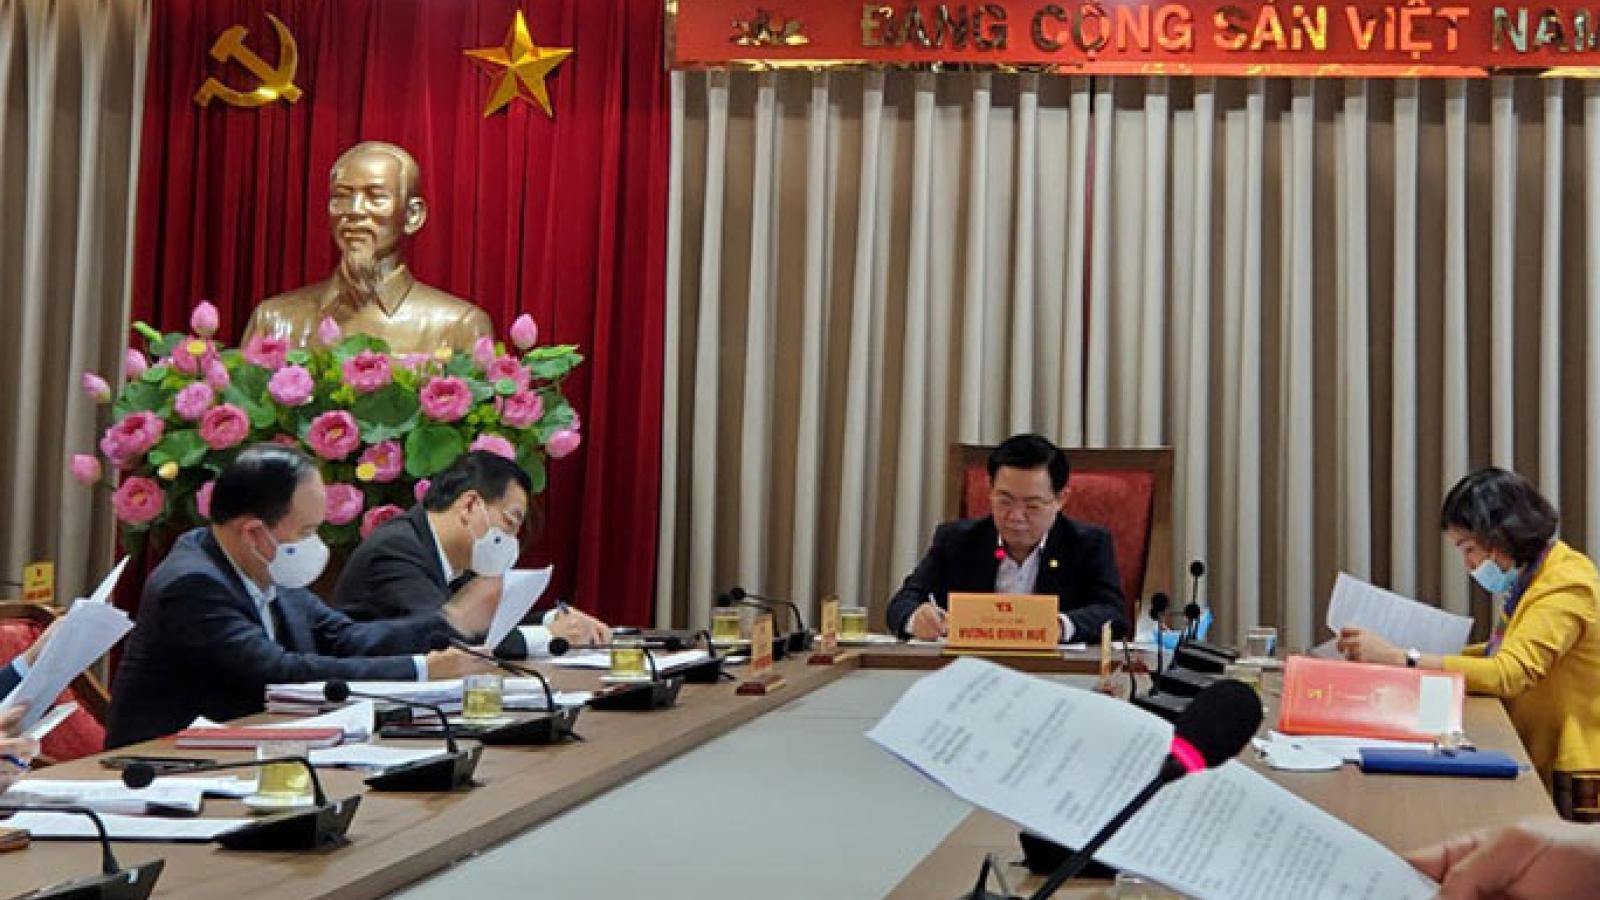 Bí thư Hà Nội: Ưu tiên ngân sách mua vaccinengừa Covid-19 cho toàn bộ người dân Thủ đô